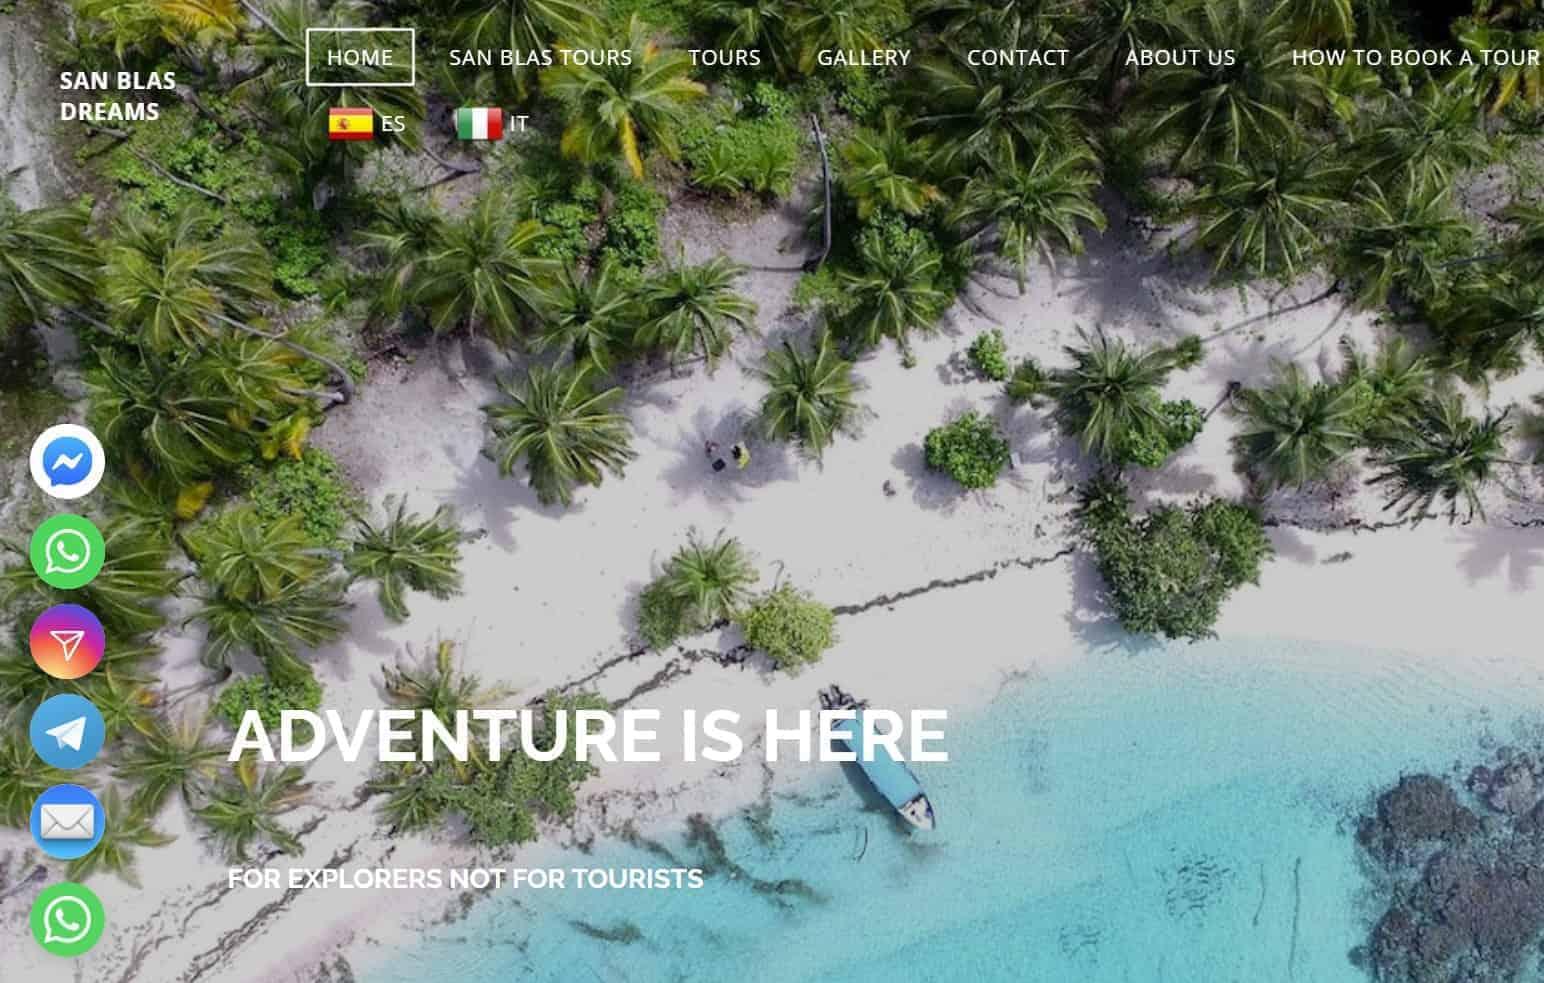 Widget display on the website